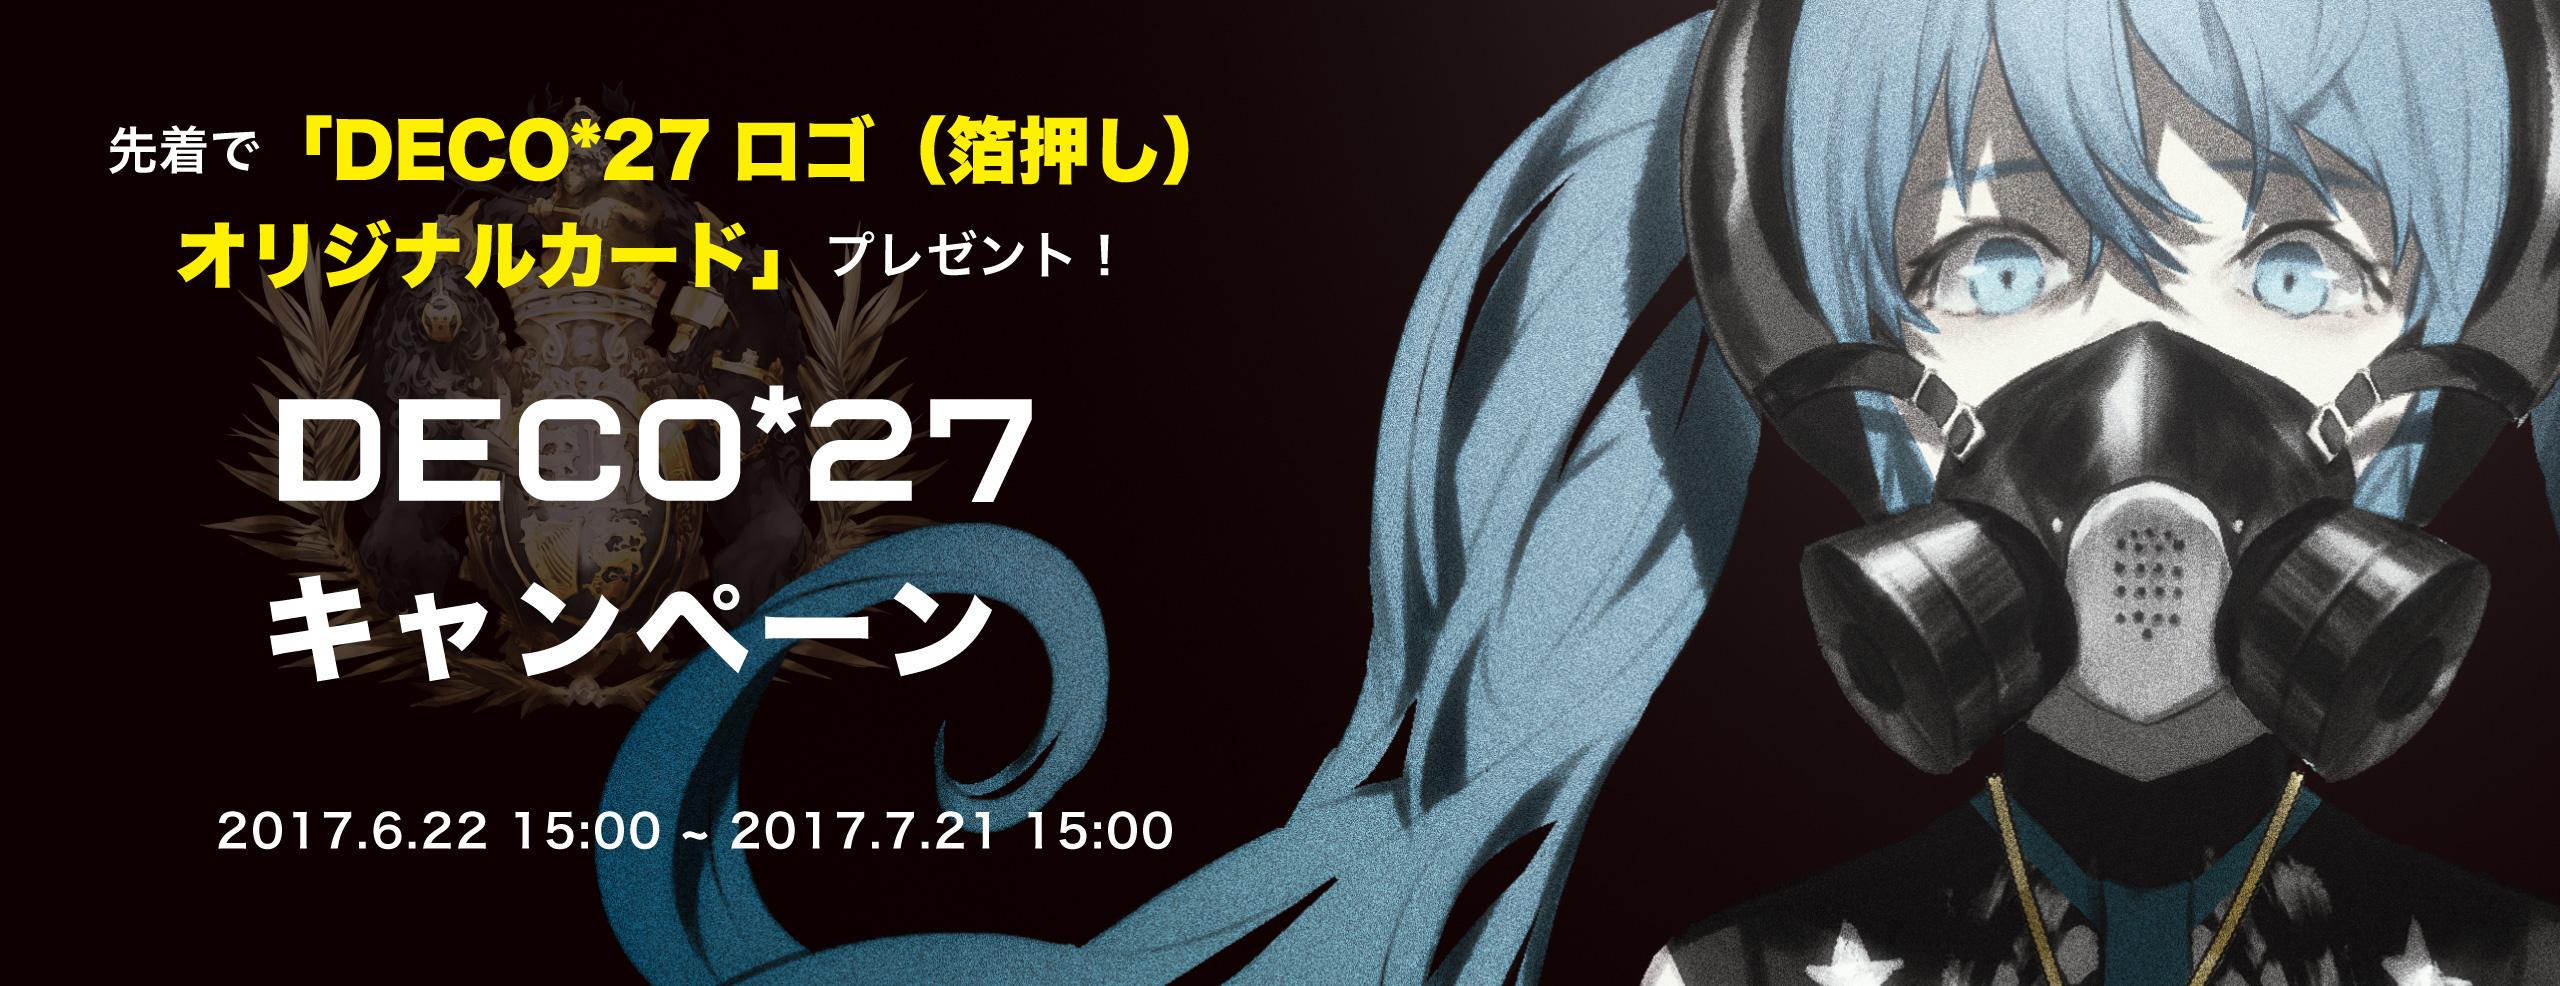 【6/21〜7/28】DECO*27キャンペーン!